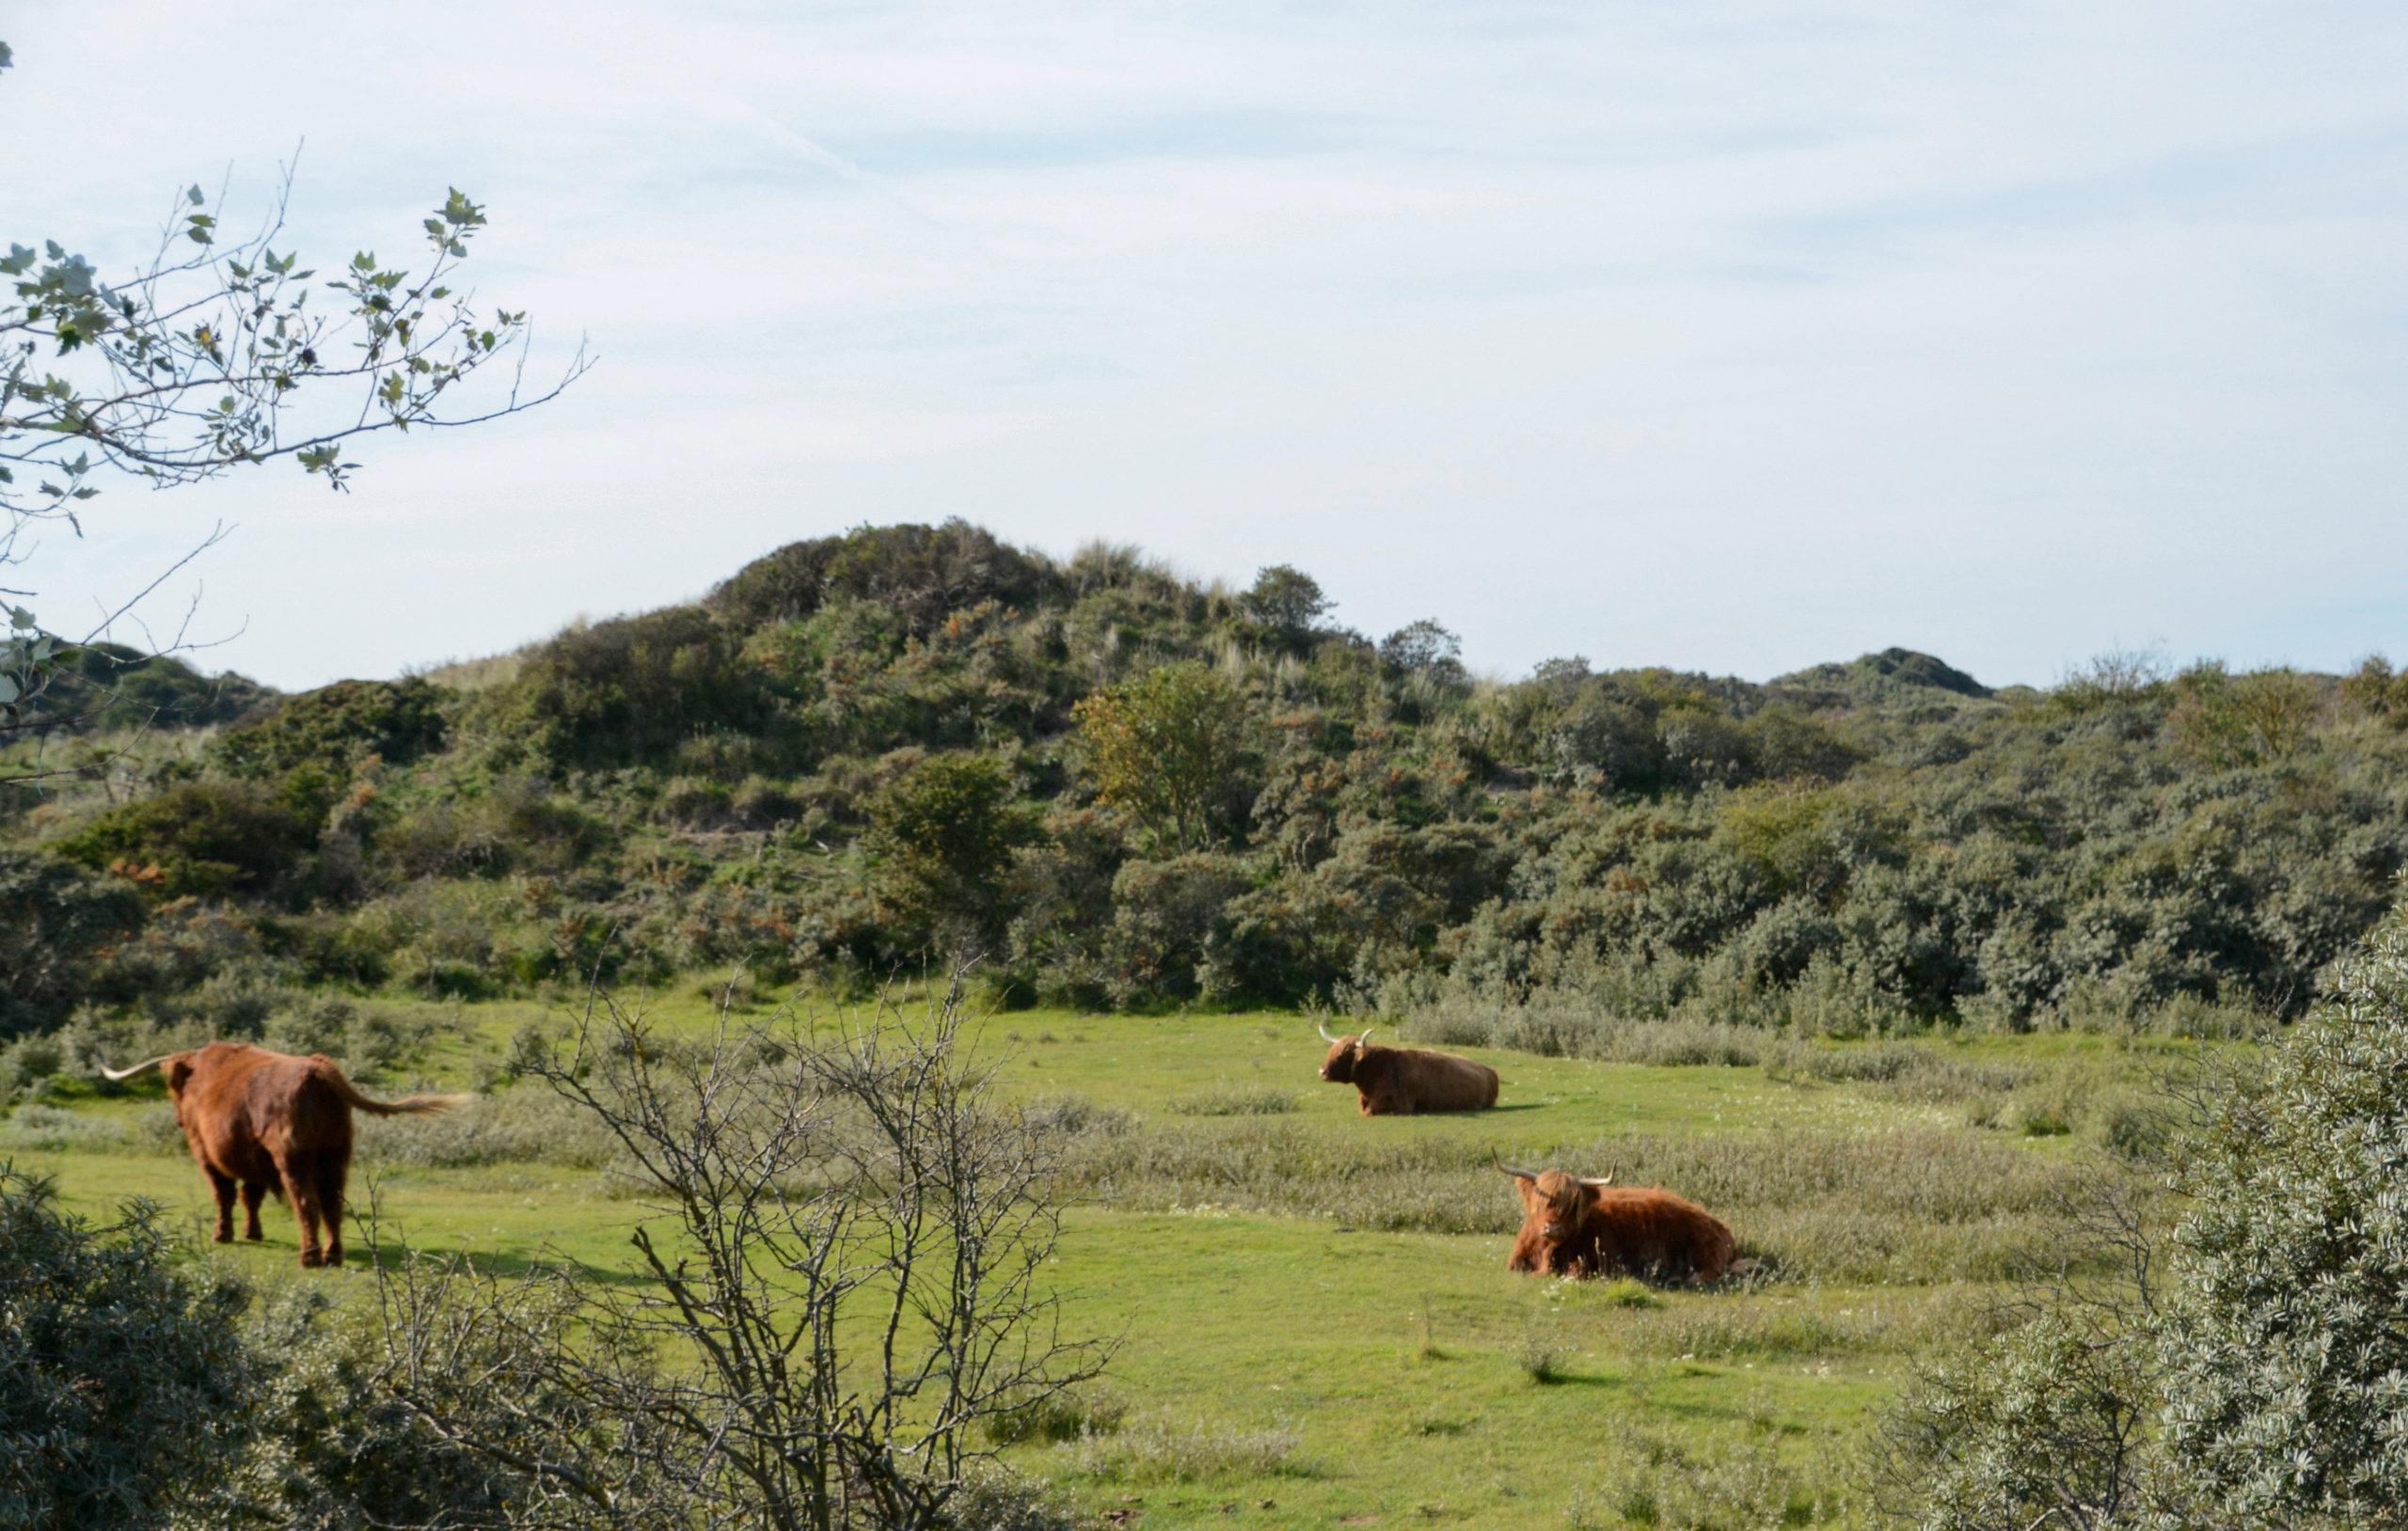 Wisente im Nationalpark Zuid-Kennemerland bei Bloemendaal aan Zee in den Niederlanden